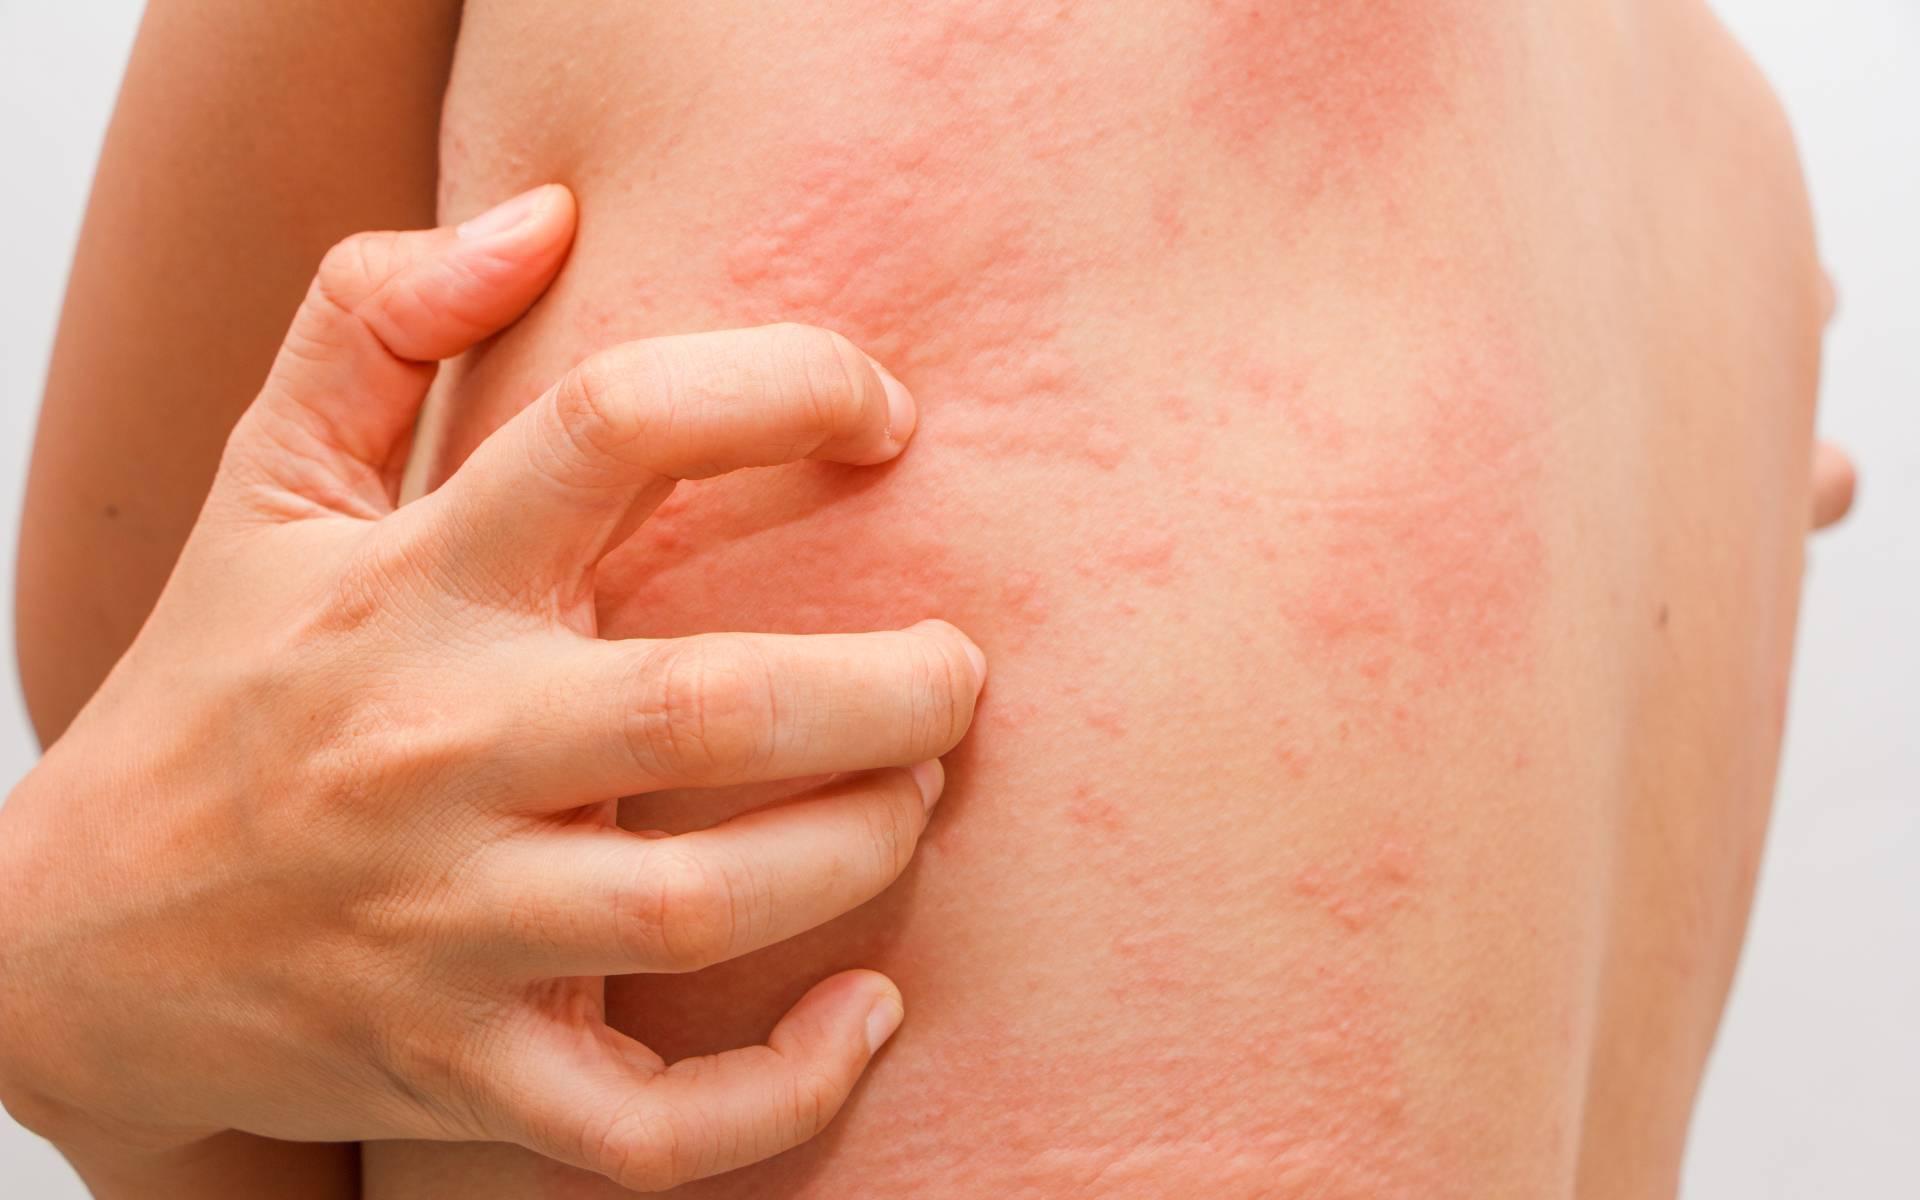 Инфекционная эритема у детей: фото, симптомы и лечение. инфекционная эритема у детей и взрослых - симптомы и лечение - медицина для тебя